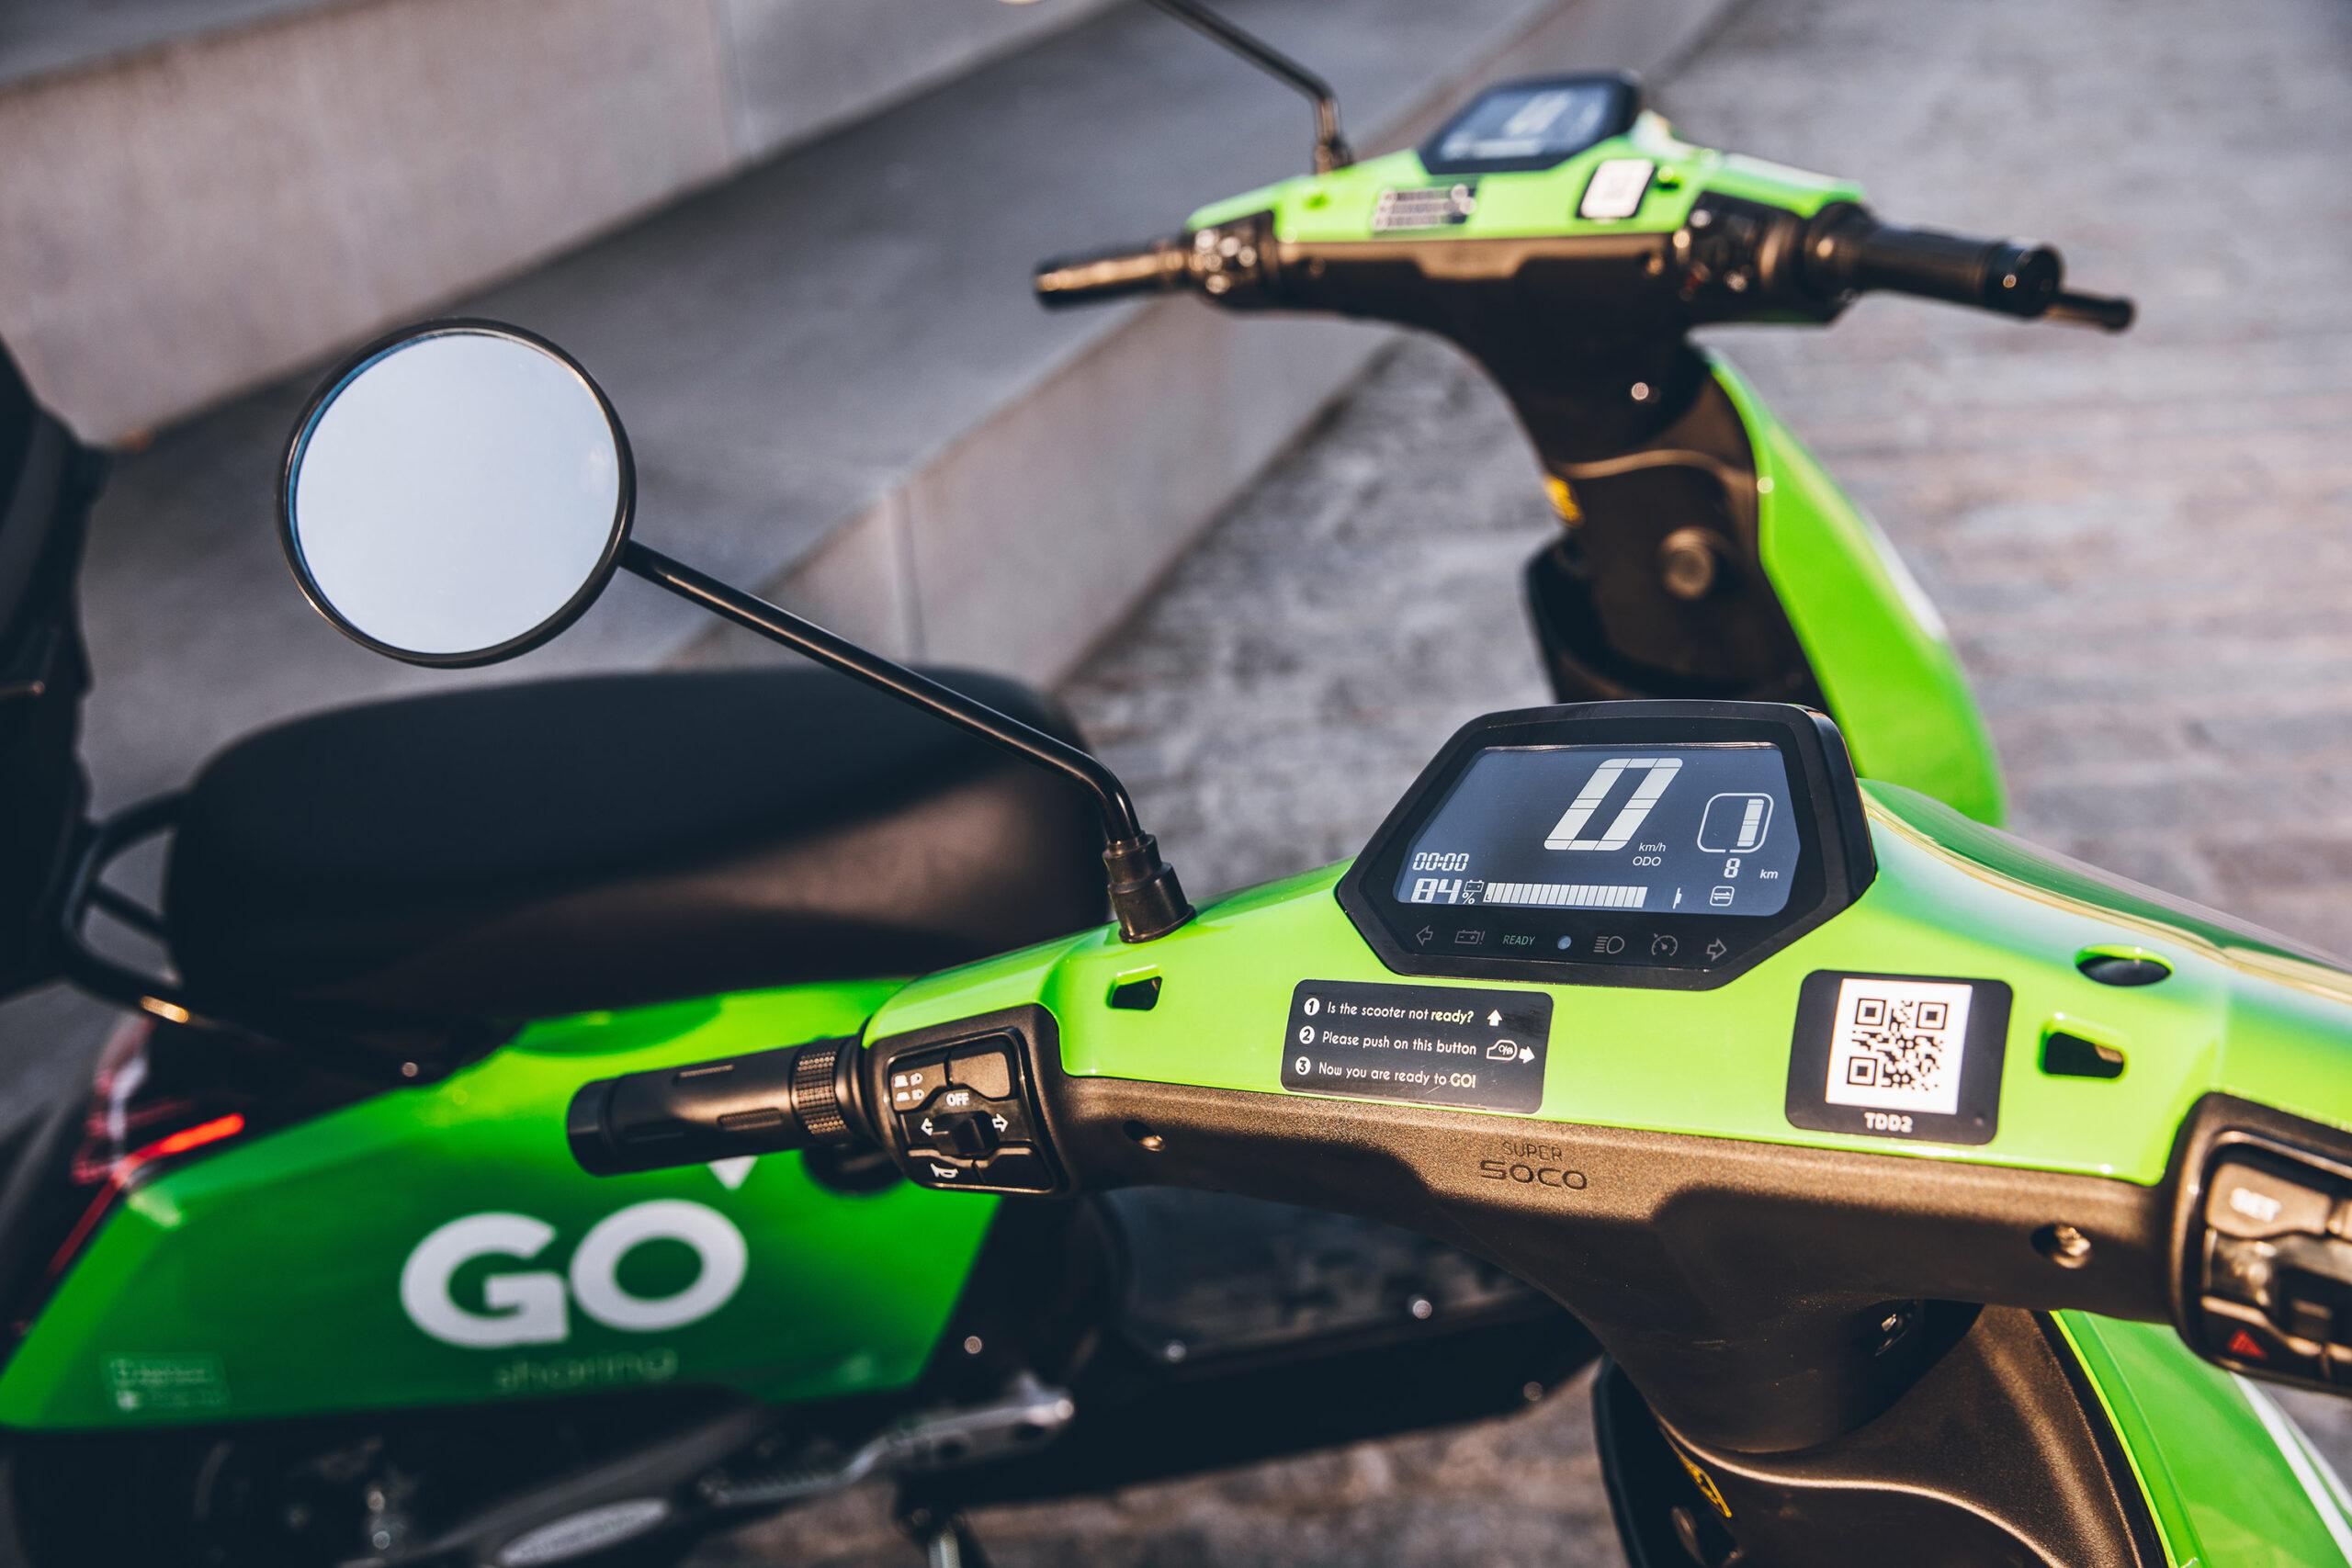 GO Akademie: Wie benutzt man ein GO Sharing E-Moped? - go